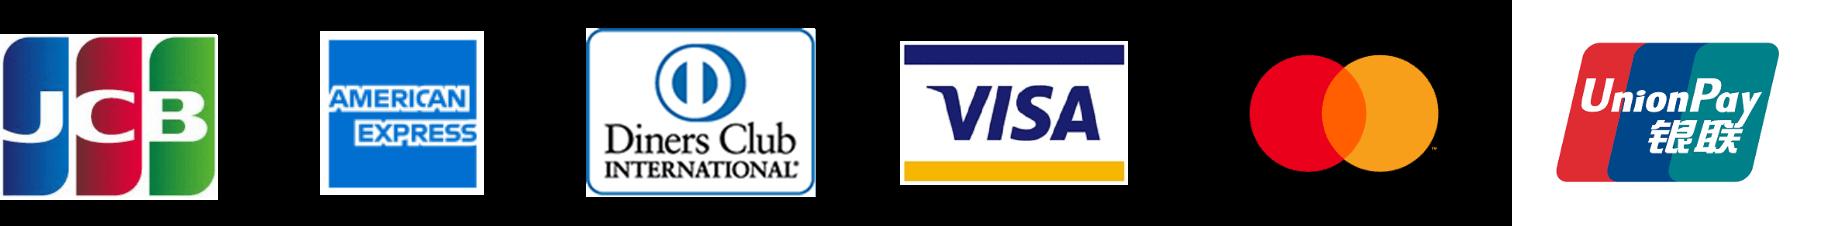 亦可使用信用卡